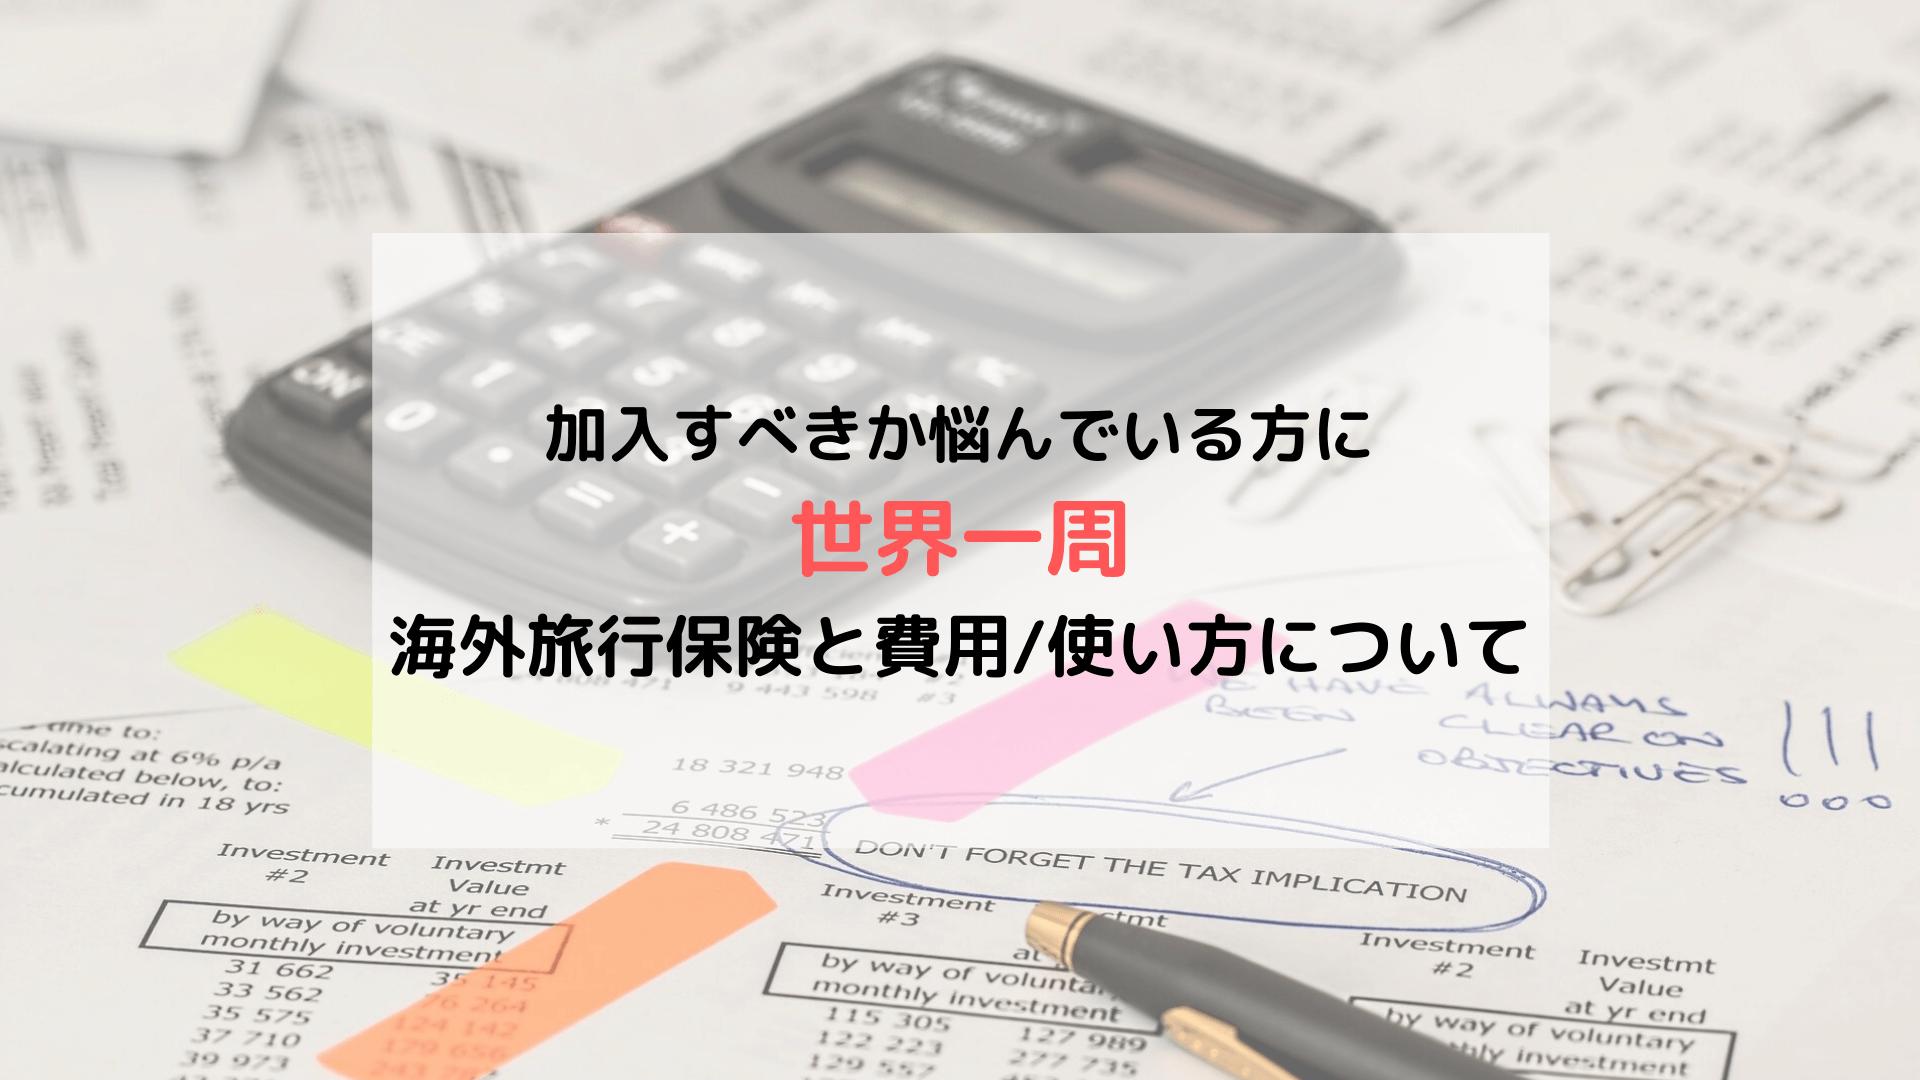 海外旅行保険の概要と実際の費用/使い方について